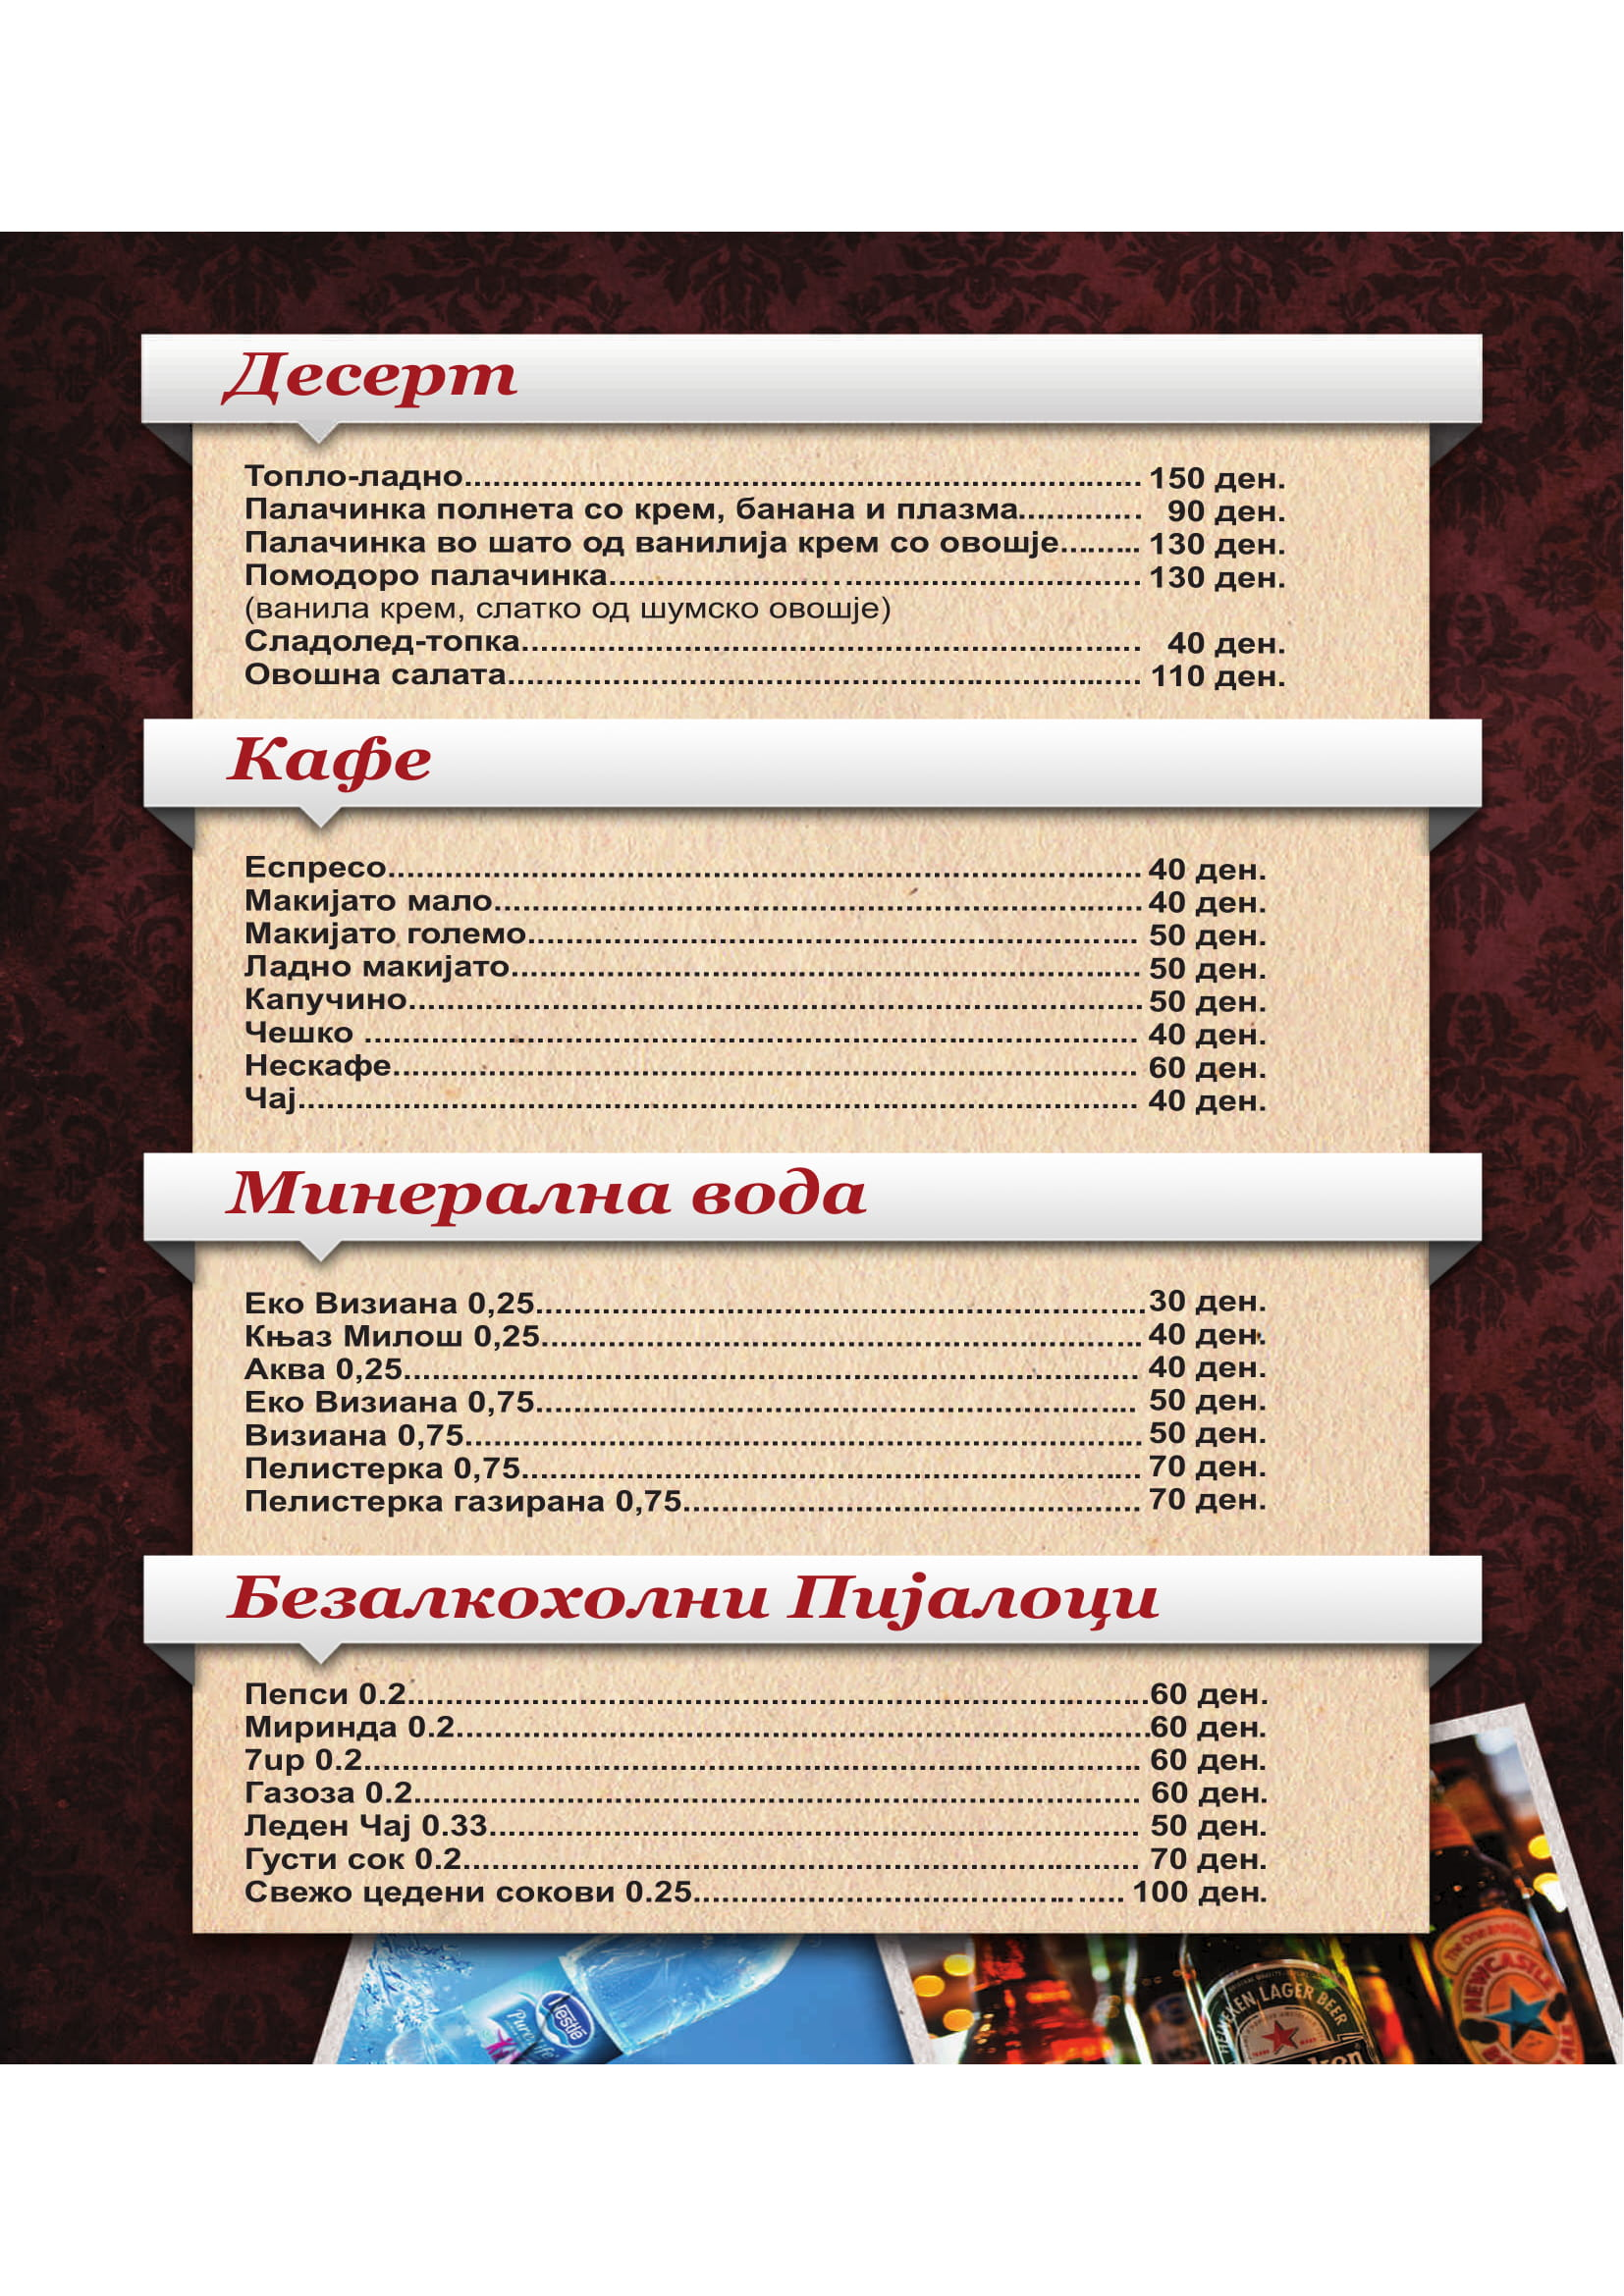 Ресторан Помодоро menu